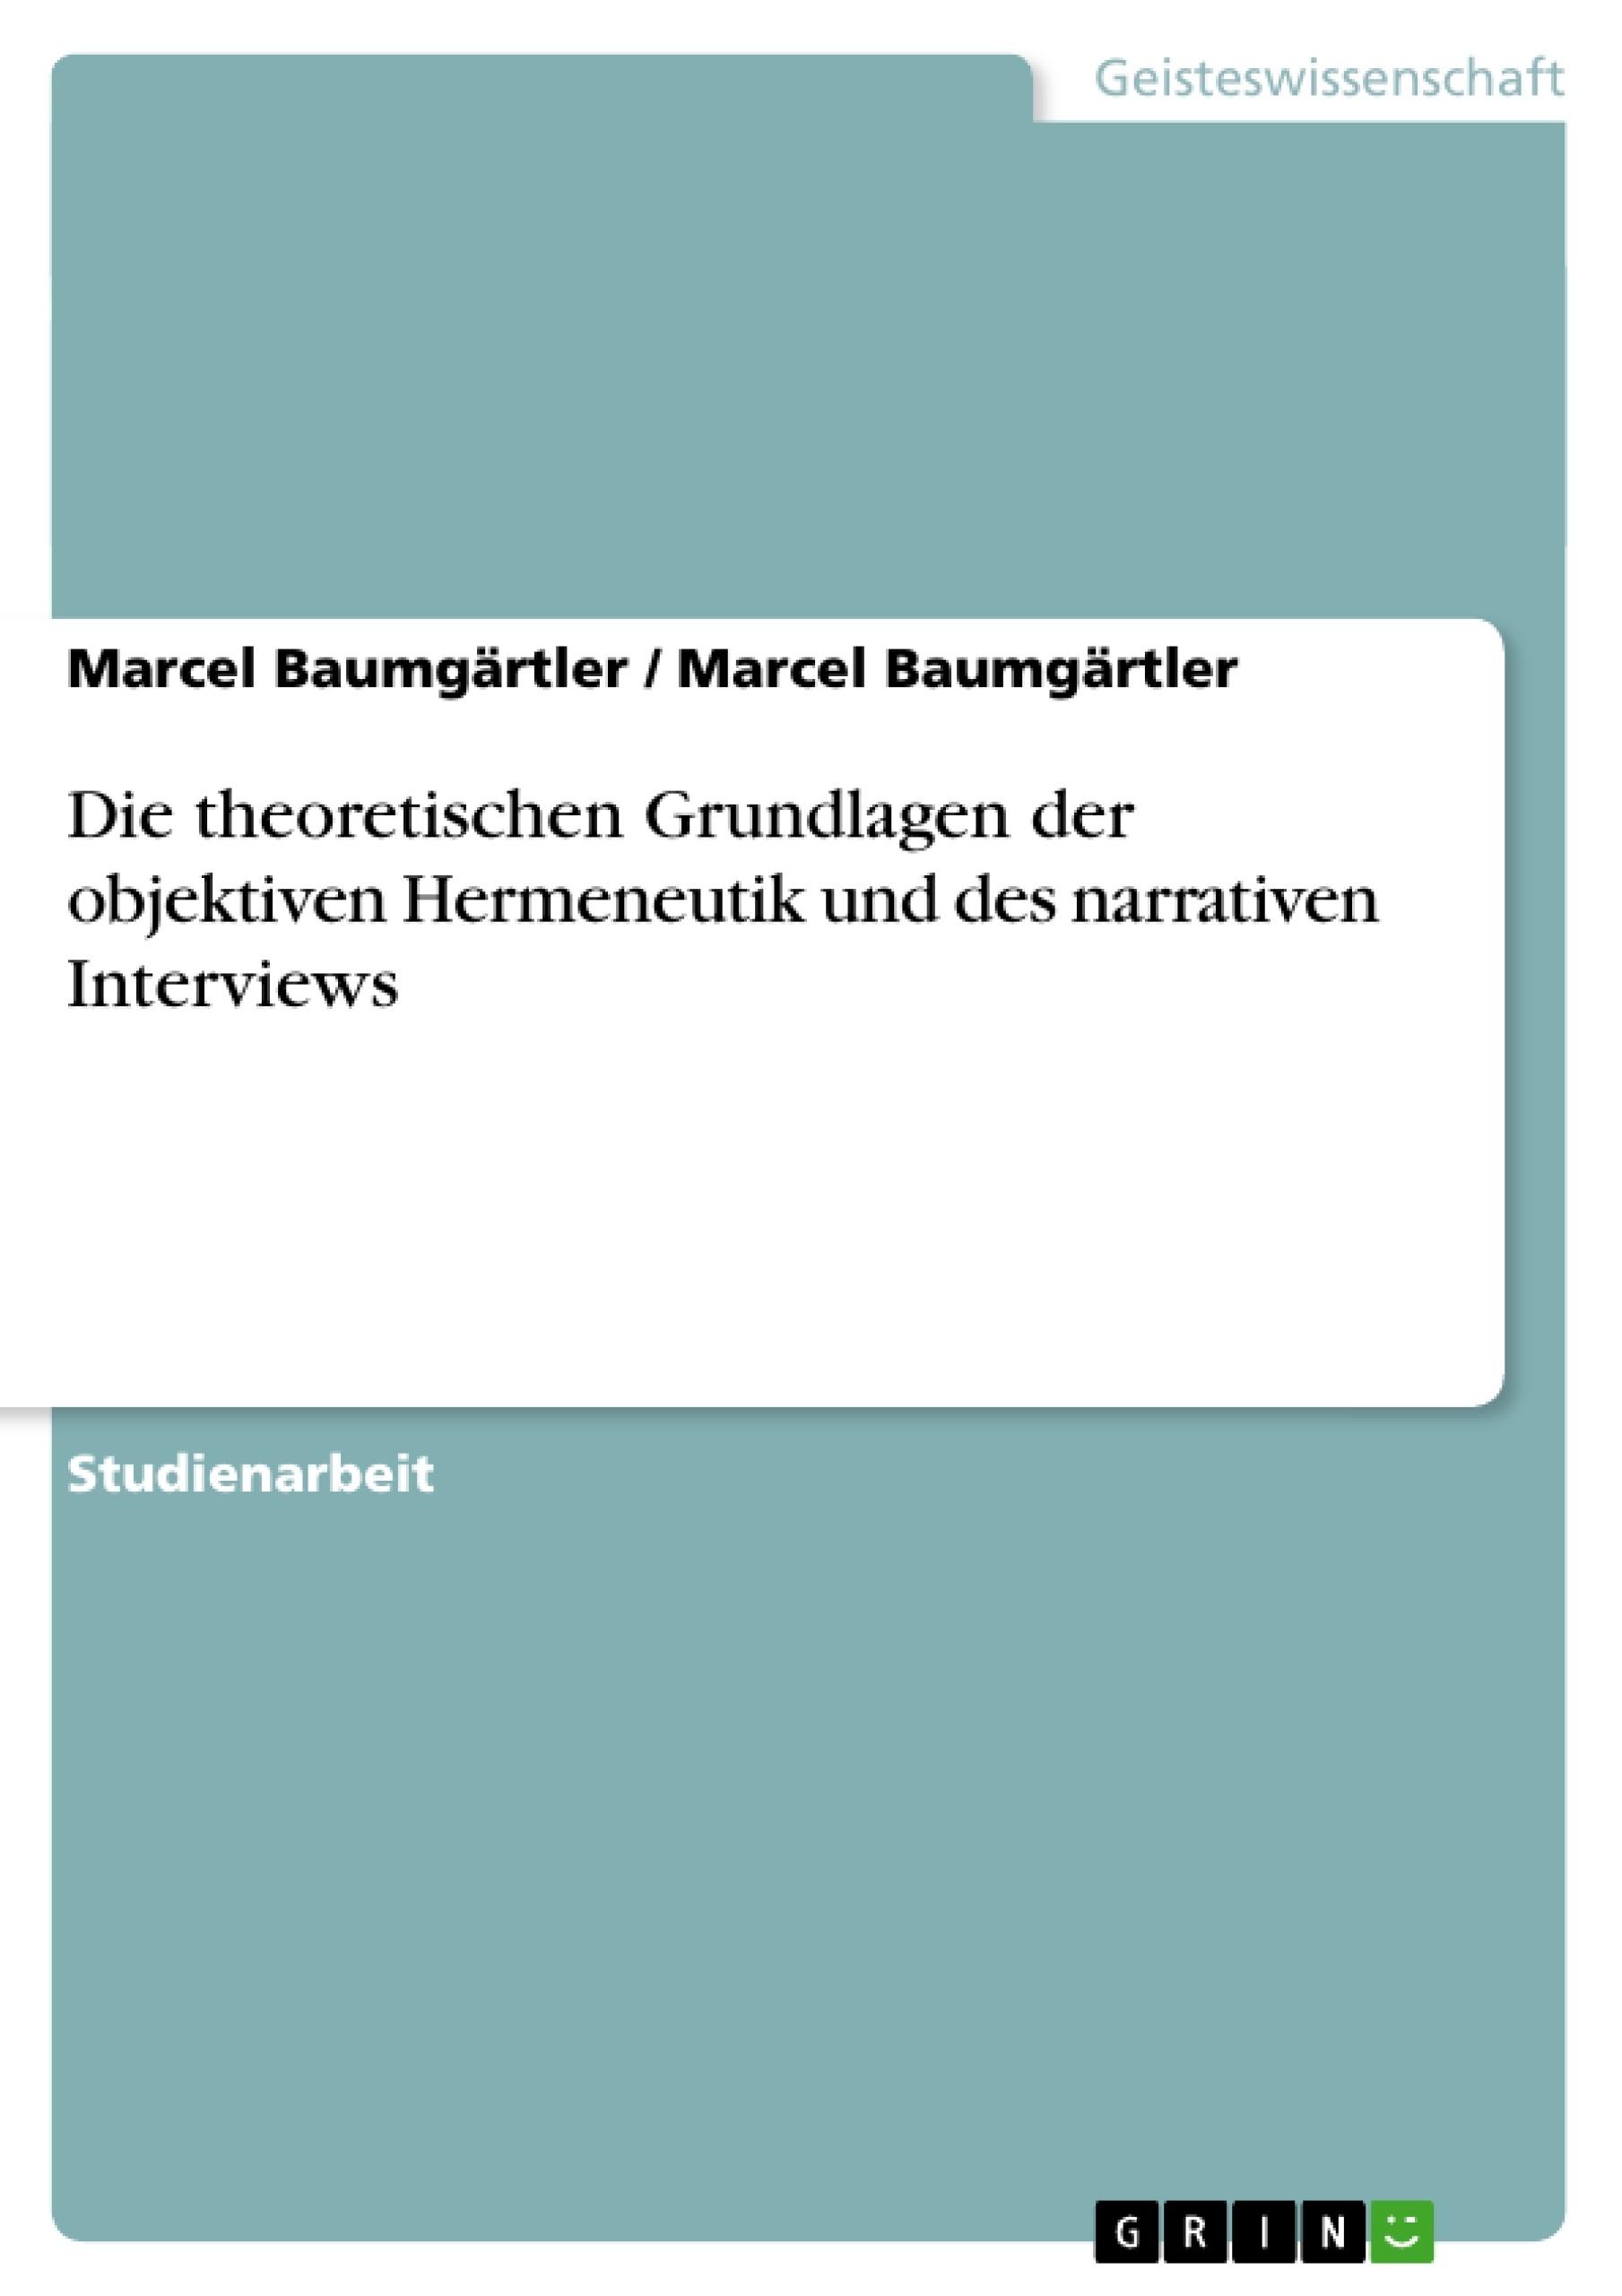 Titel: Die theoretischen Grundlagen der objektiven Hermeneutik und des narrativen Interviews